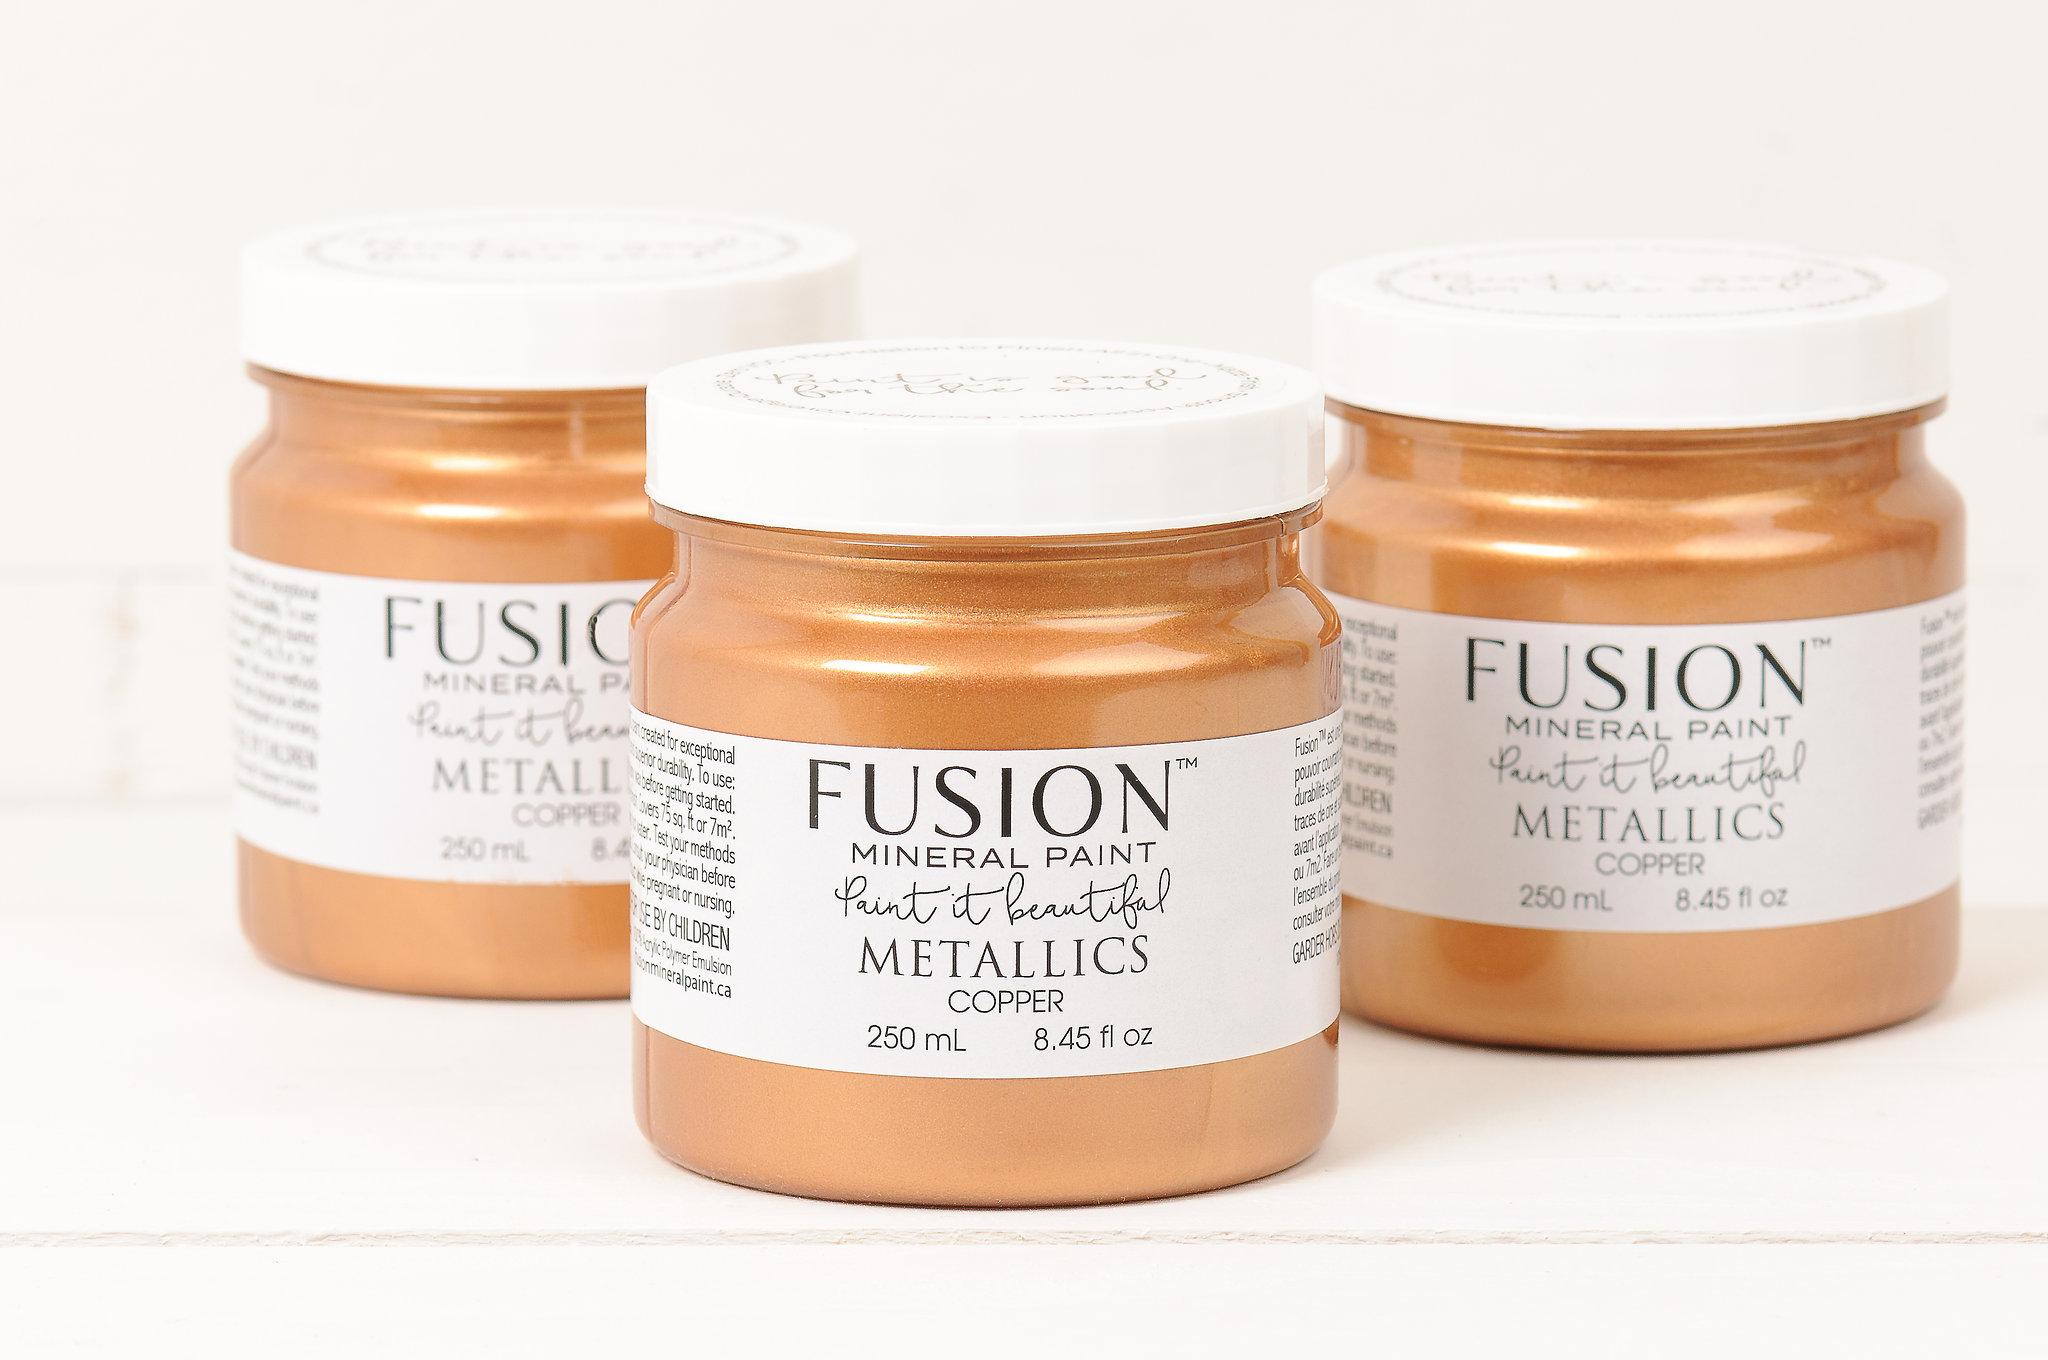 Fusion Metallic Copper